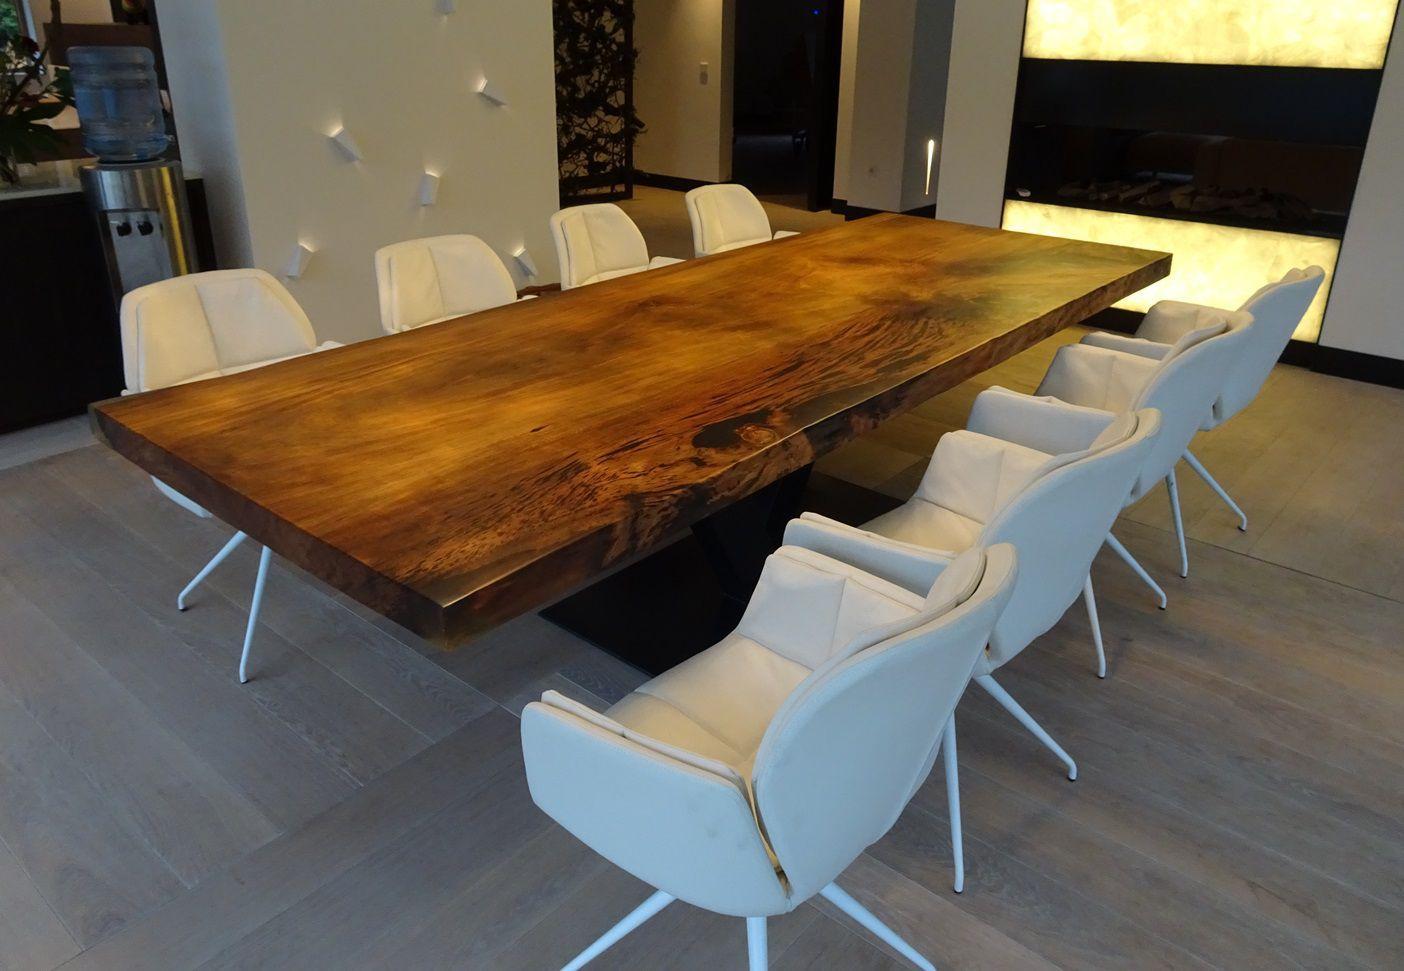 Tavoli Da Pranzo In Legno Massello : Tavolo da pranzo moderno in legno massiccio in acciaio in